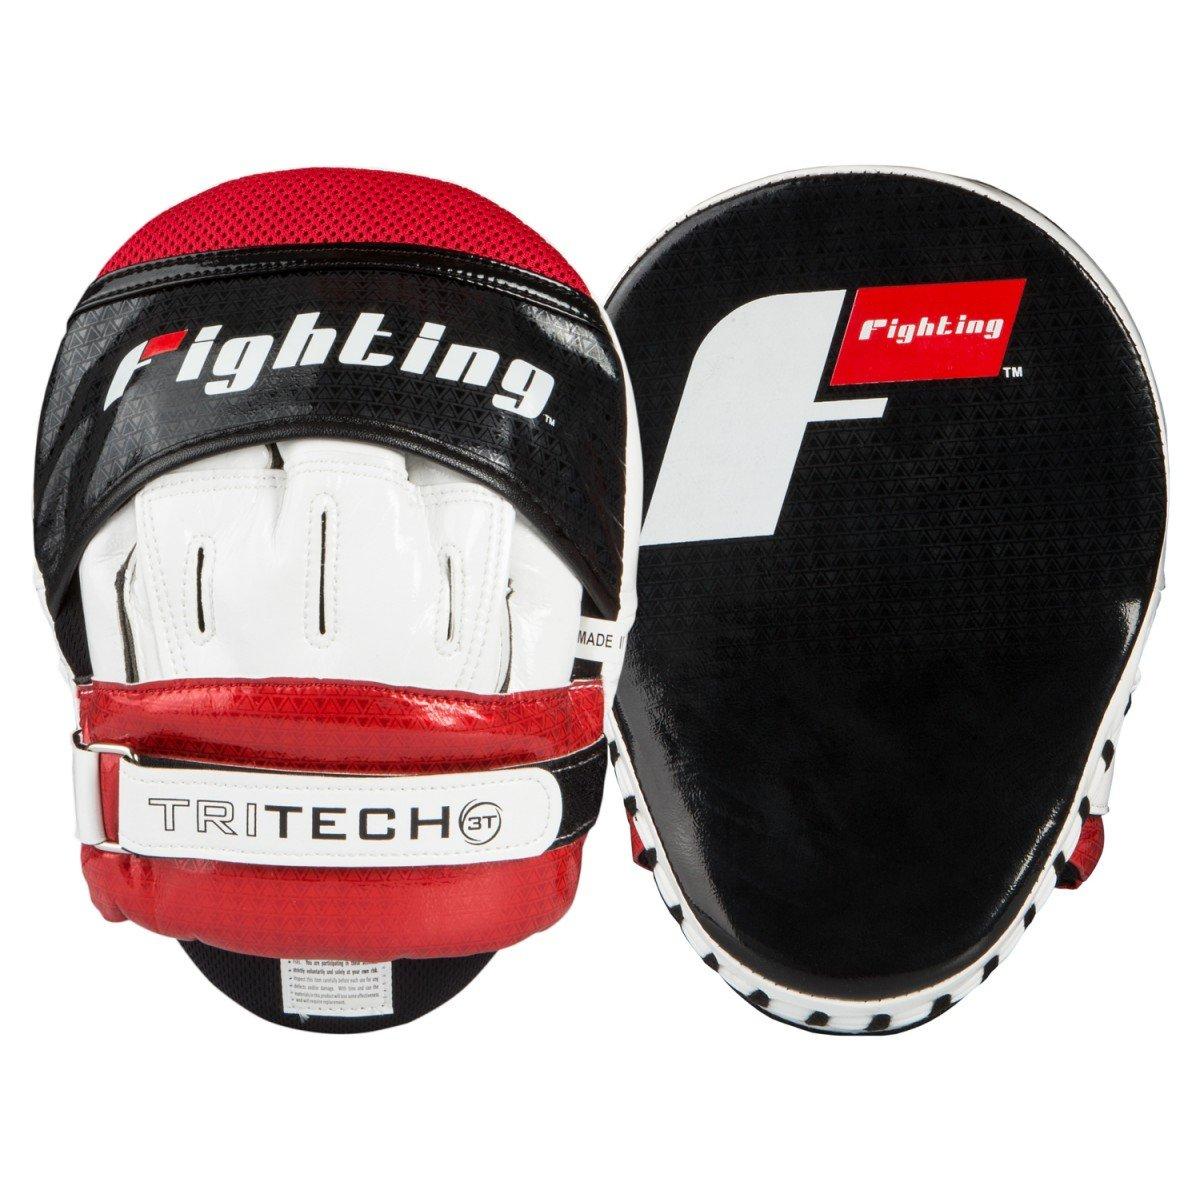 【全商品オープニング価格 特別価格】 Fighting Sports tri-tech tri-tech Fascinate Sports Punch Mitts Fascinate ブラック/ホワイト/レッド B06XGJV5JL, 機械工具と部品の店 ルートワン:8e875620 --- a0267596.xsph.ru